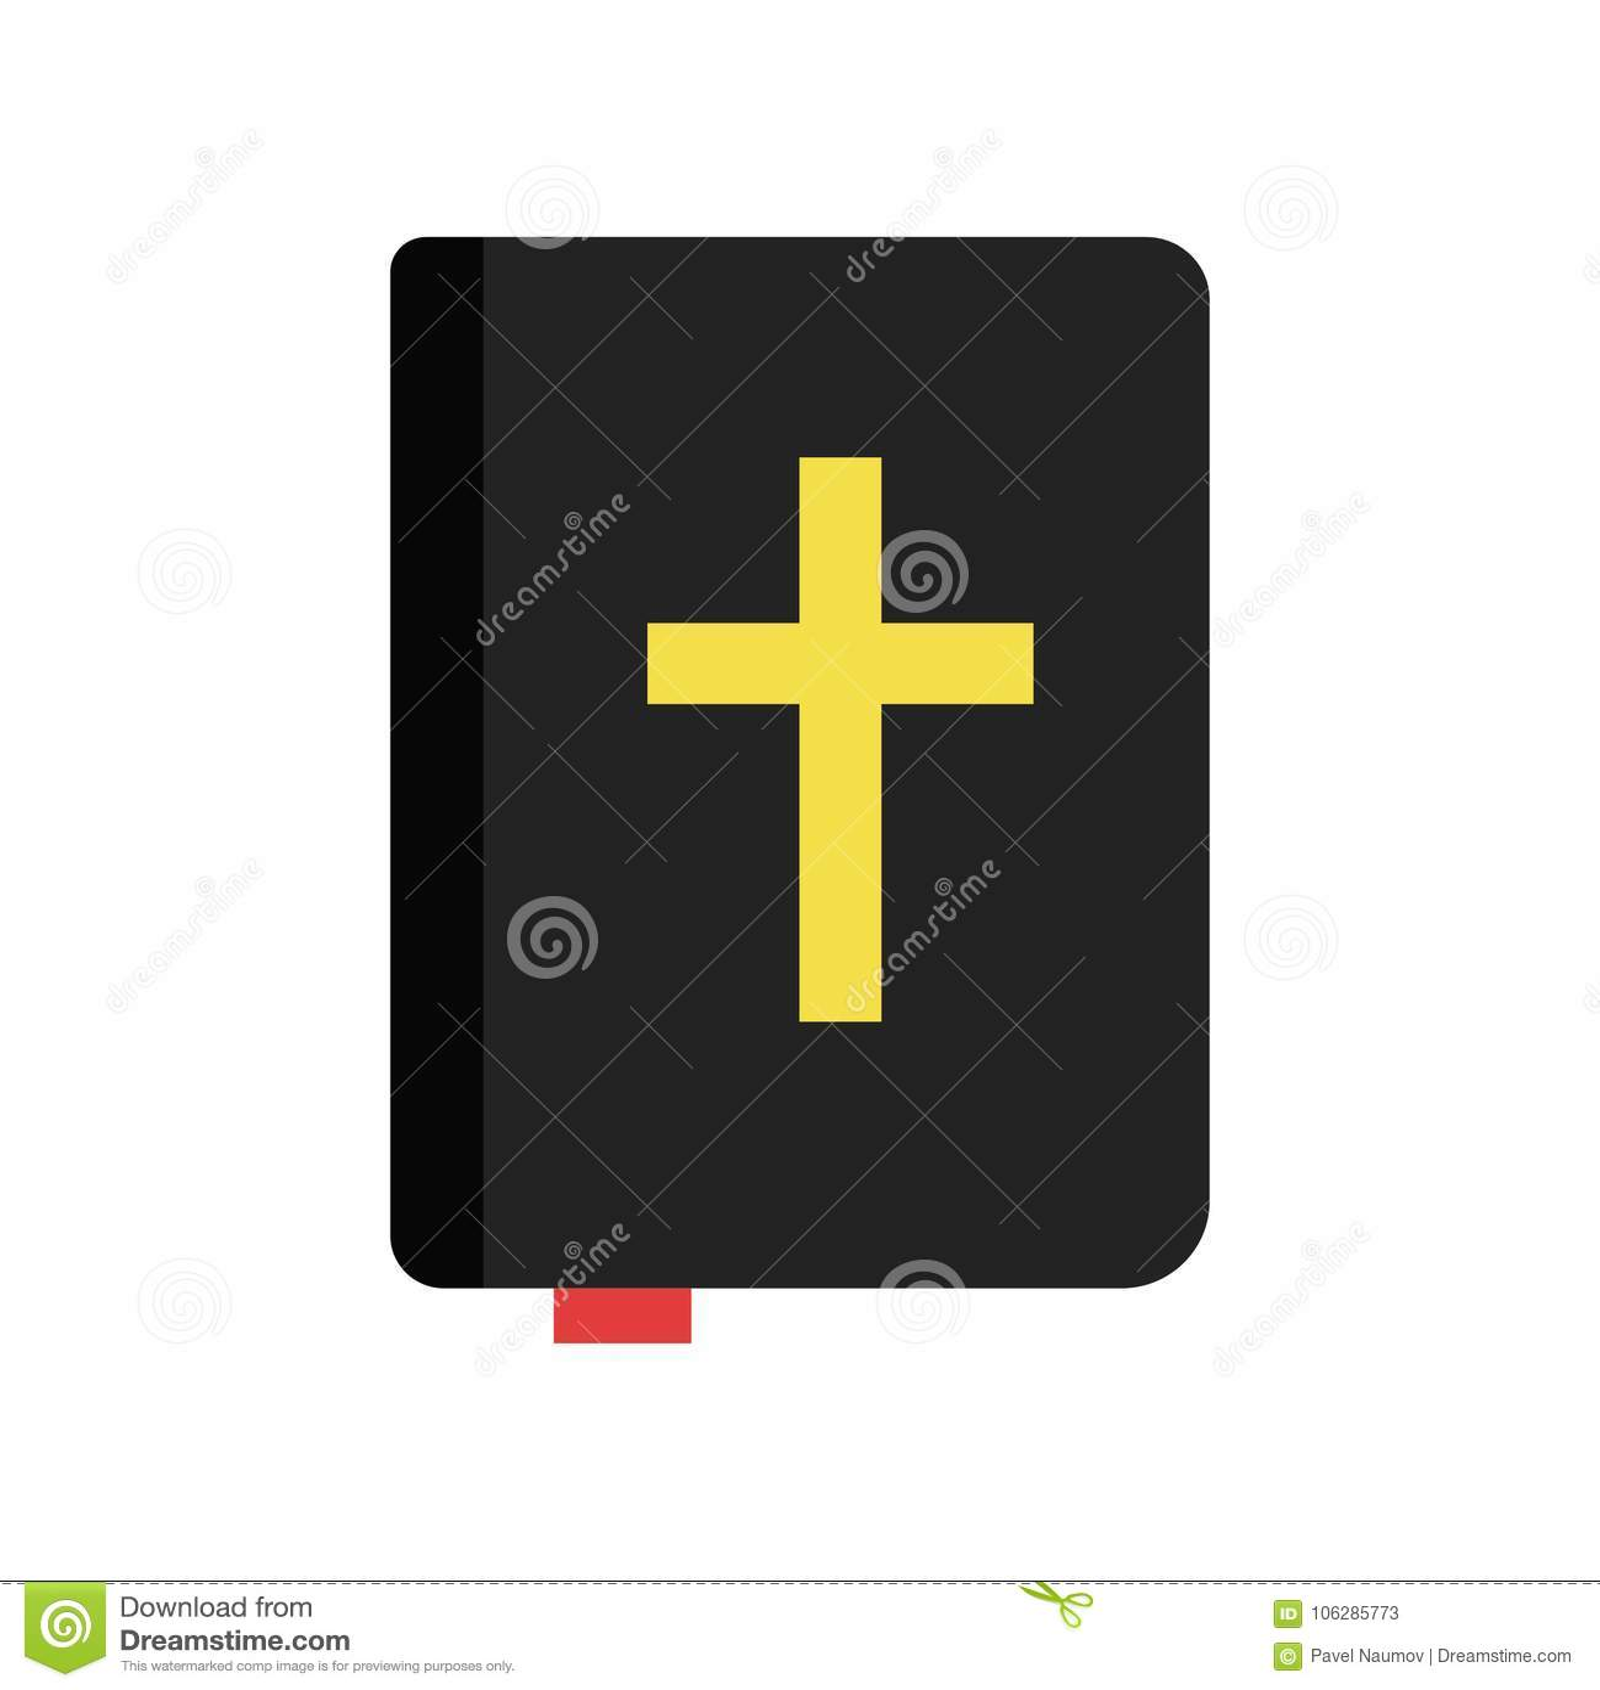 A Bíblia Sagrada Livro cristão de textos sagrados Literatura religiosa Tradições da religião da igreja ortodoxa Ícone no plano